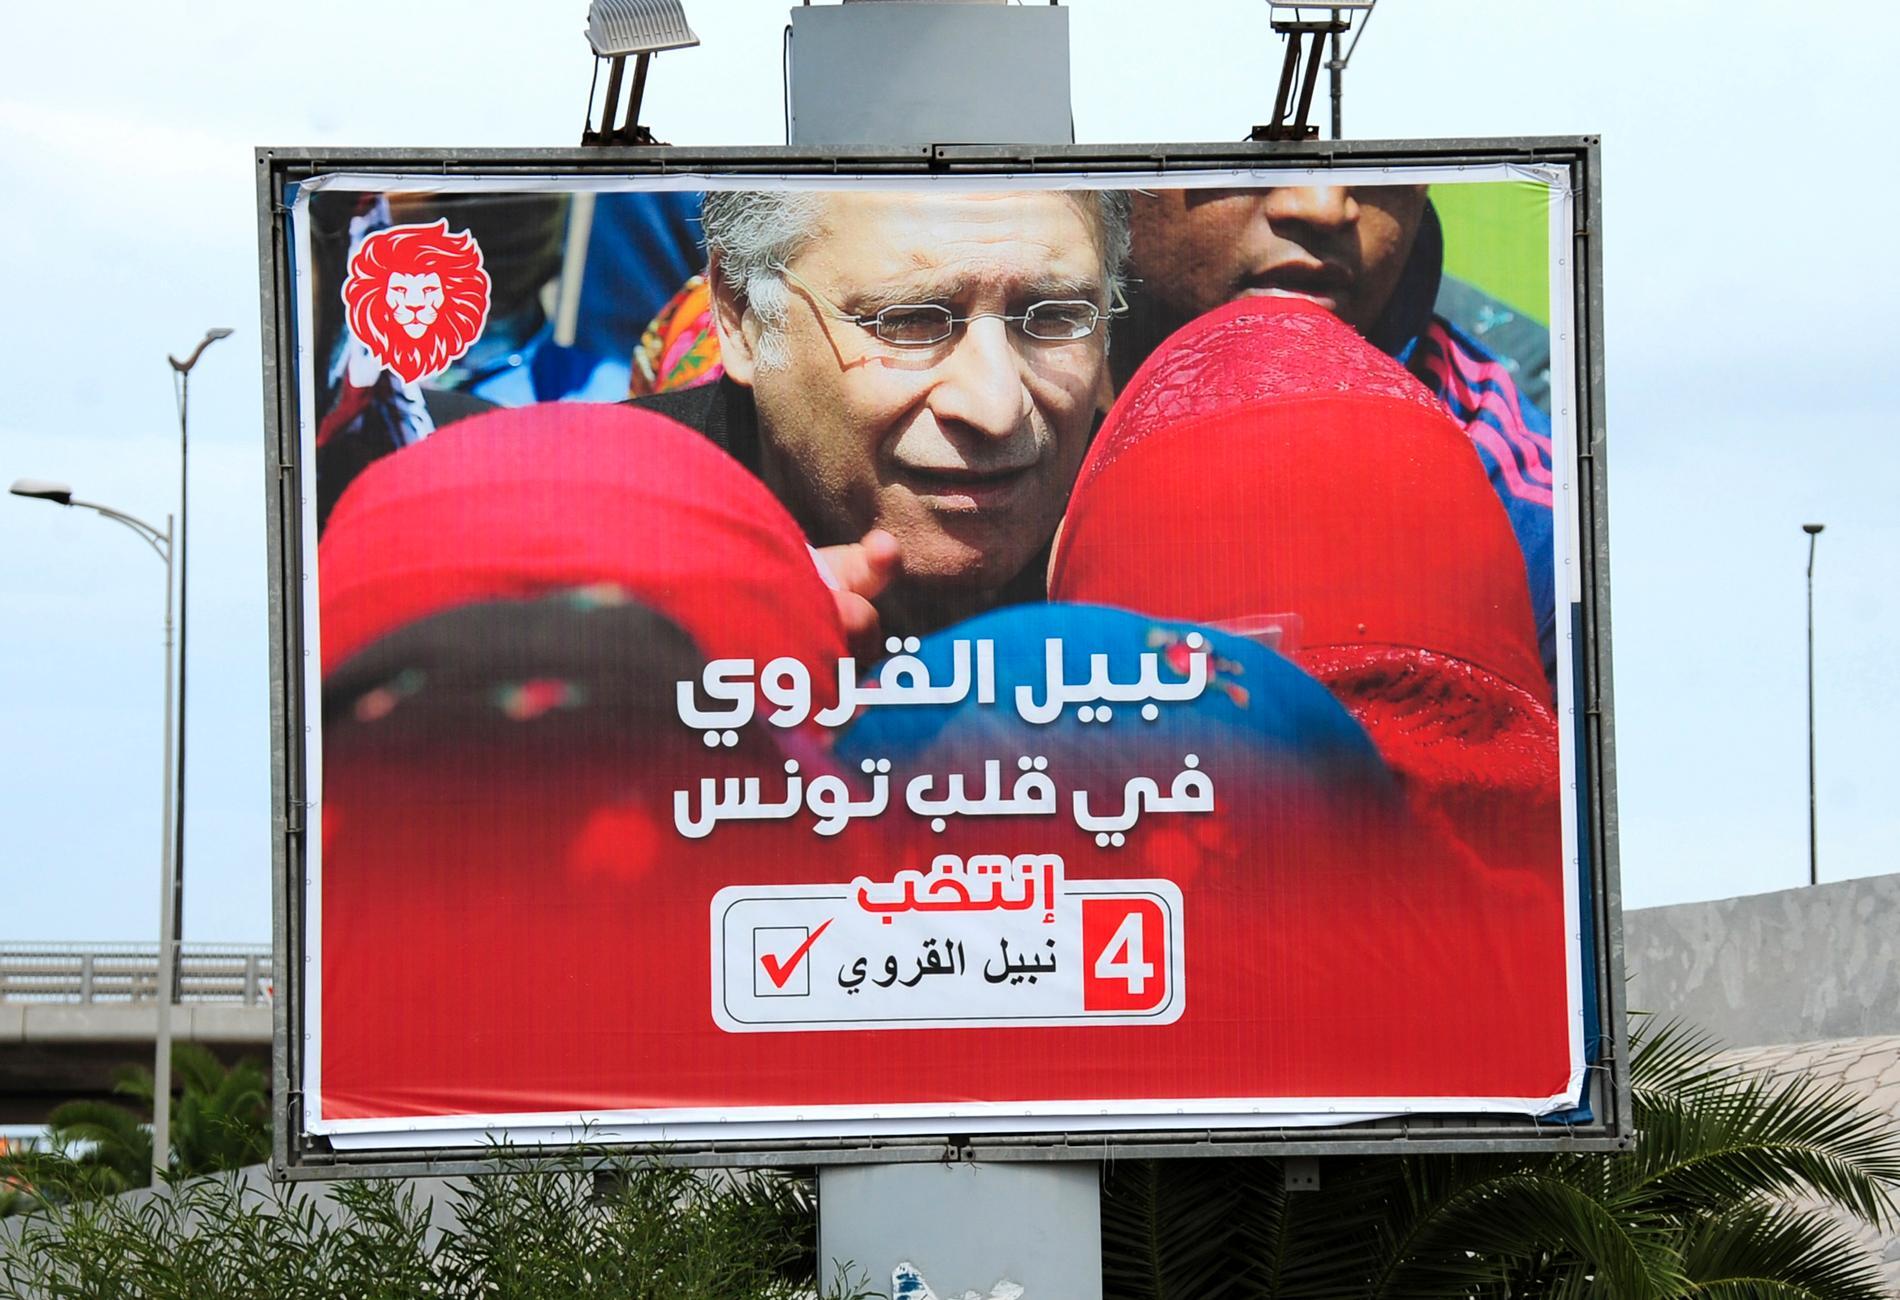 Den tunisiske presidentkandidaten Nabil Karoui, som sitter fängslad för misstänkt skattebrott, hungerstrejkar. Presidentvalet i Tunisien hålls på söndag.